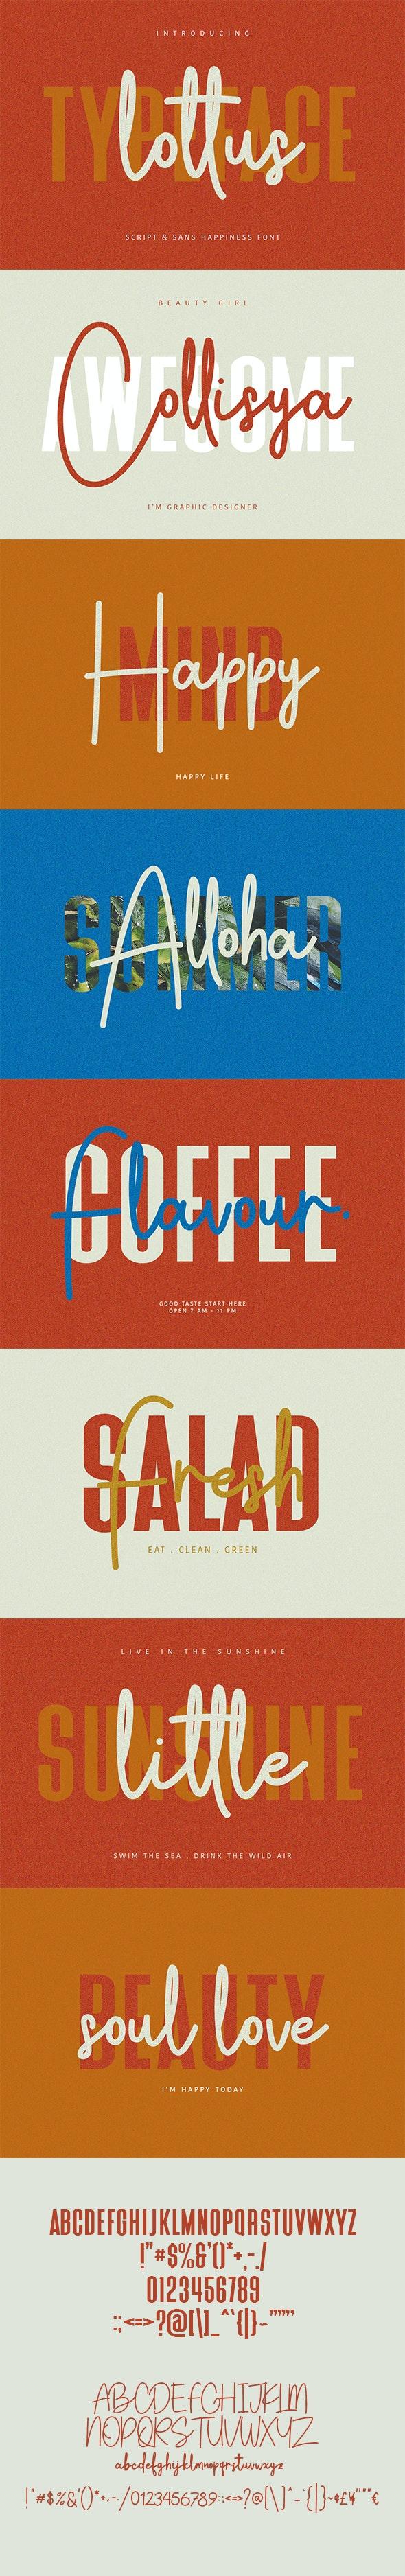 Lottus Typeface - Decorative Fonts